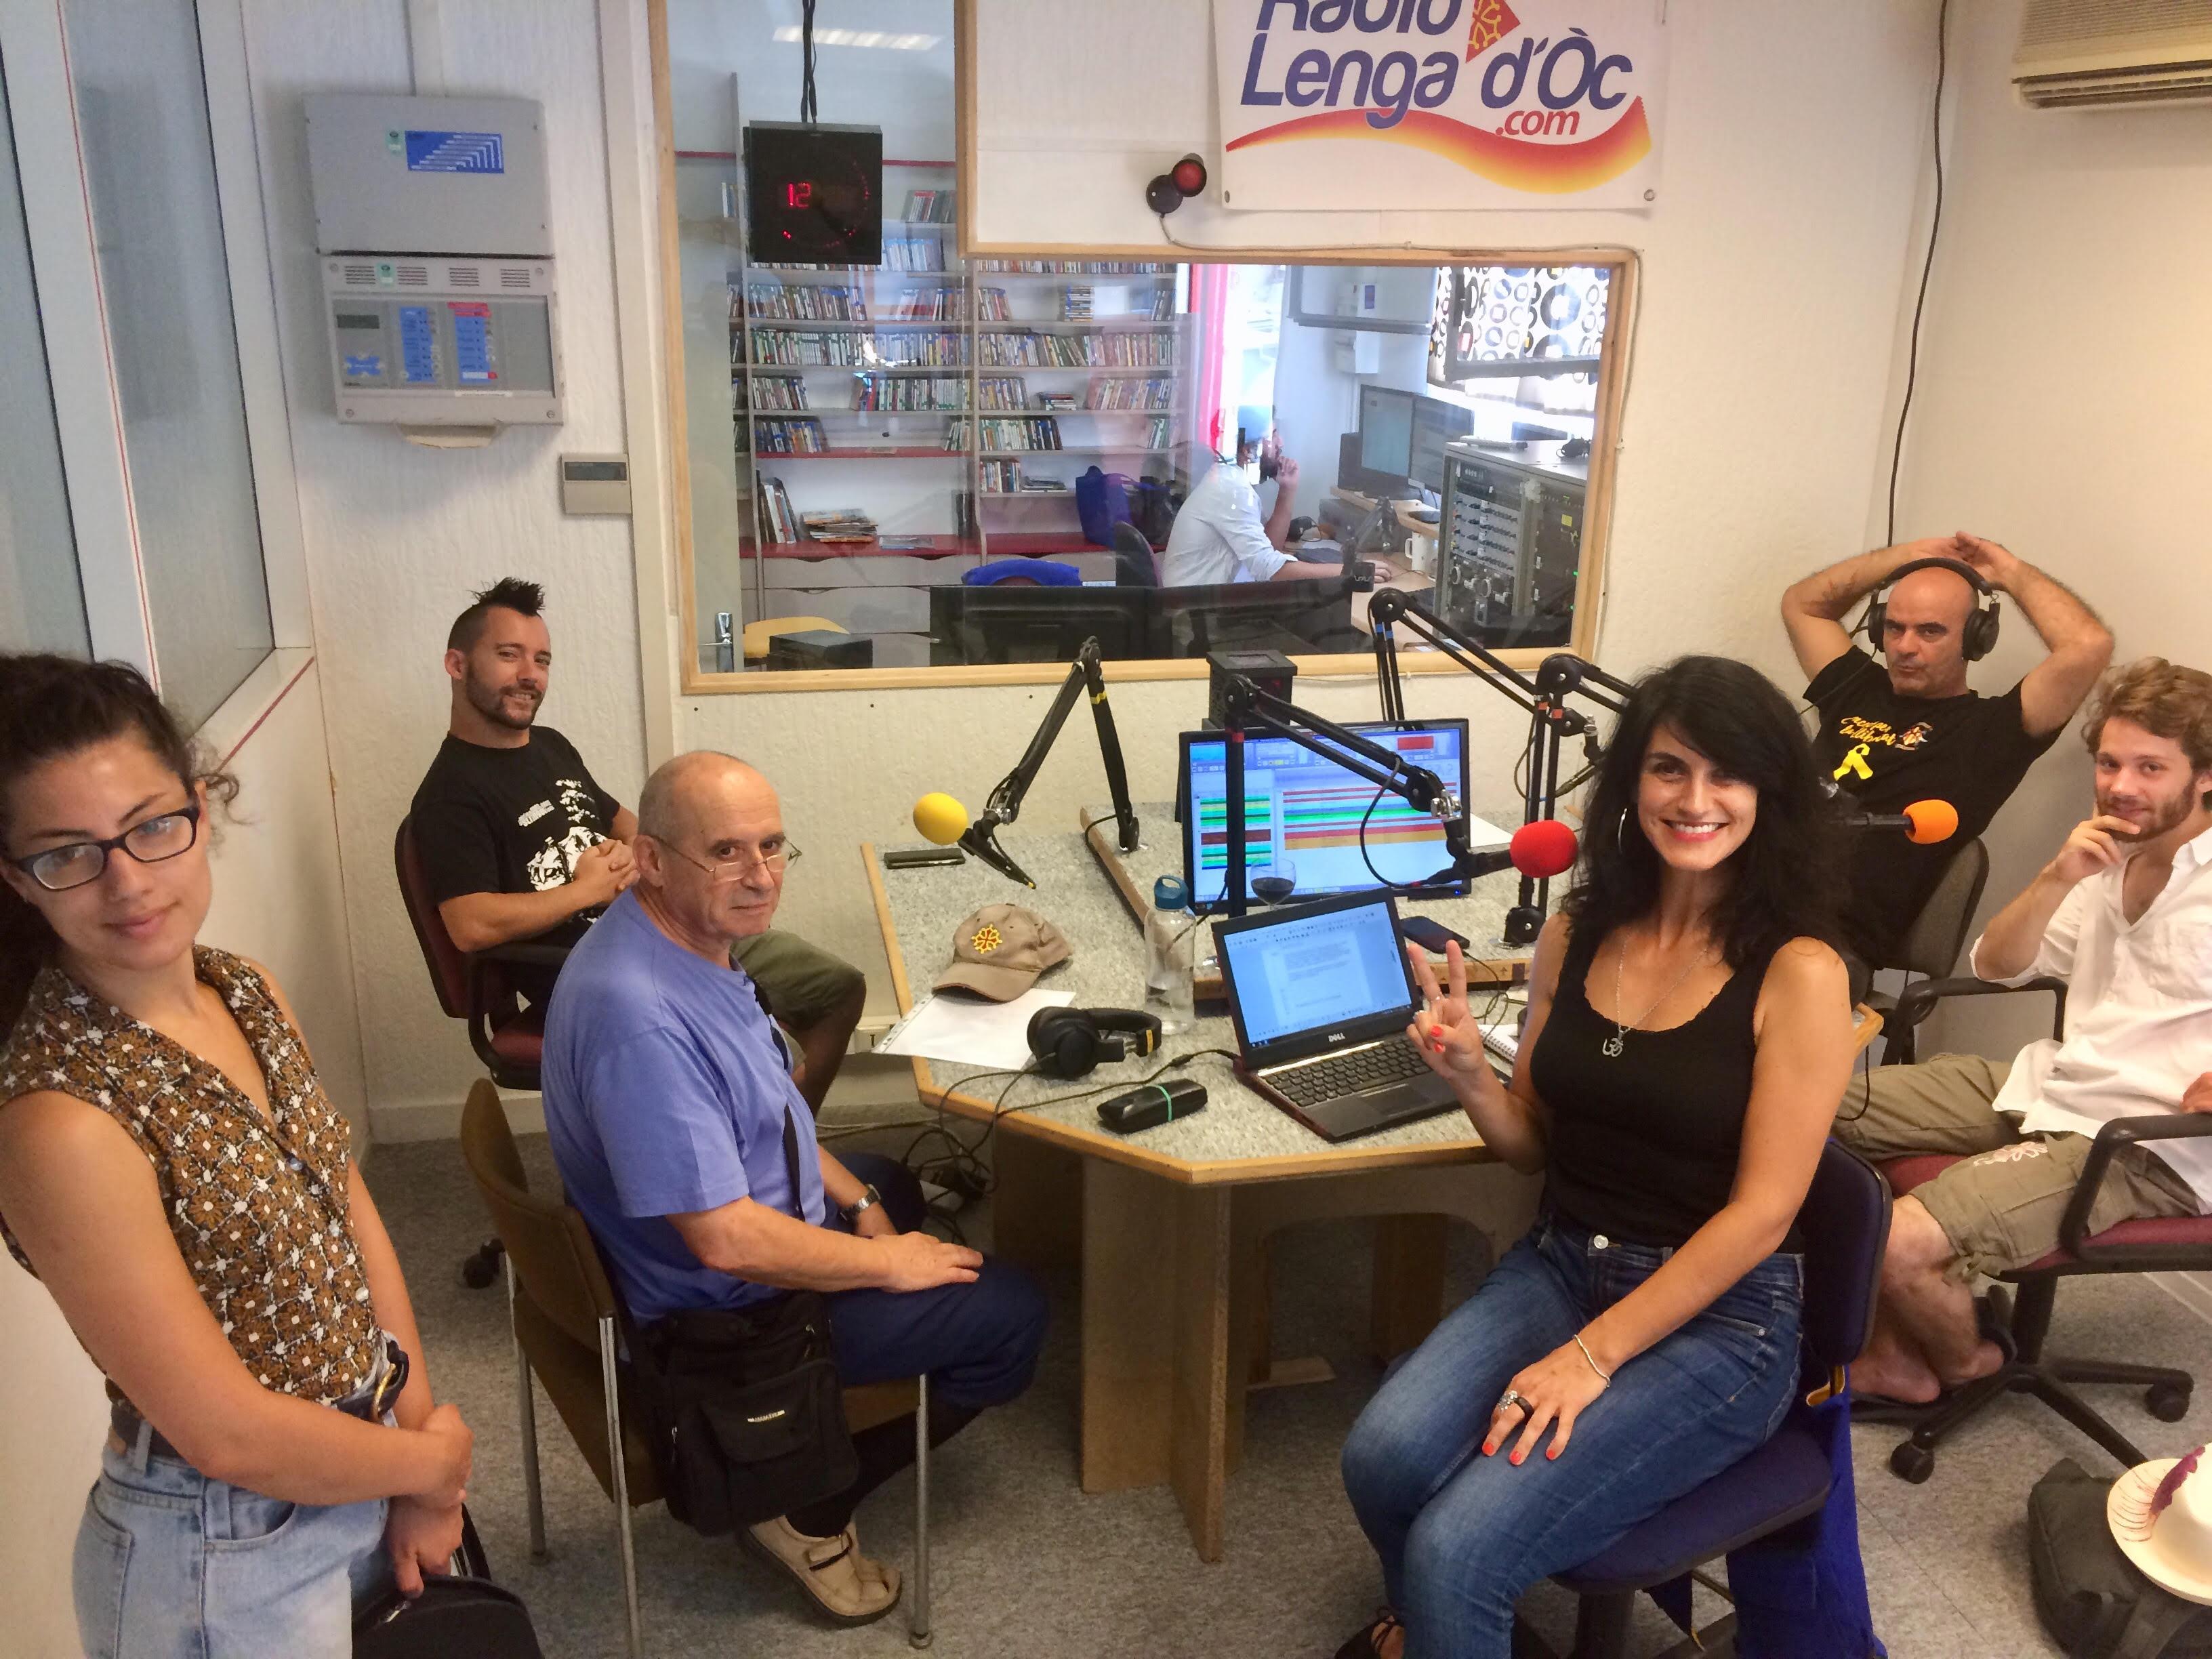 2018-09-21 - Aurelien, Alegria, Fred e Flo (Miegjornau)